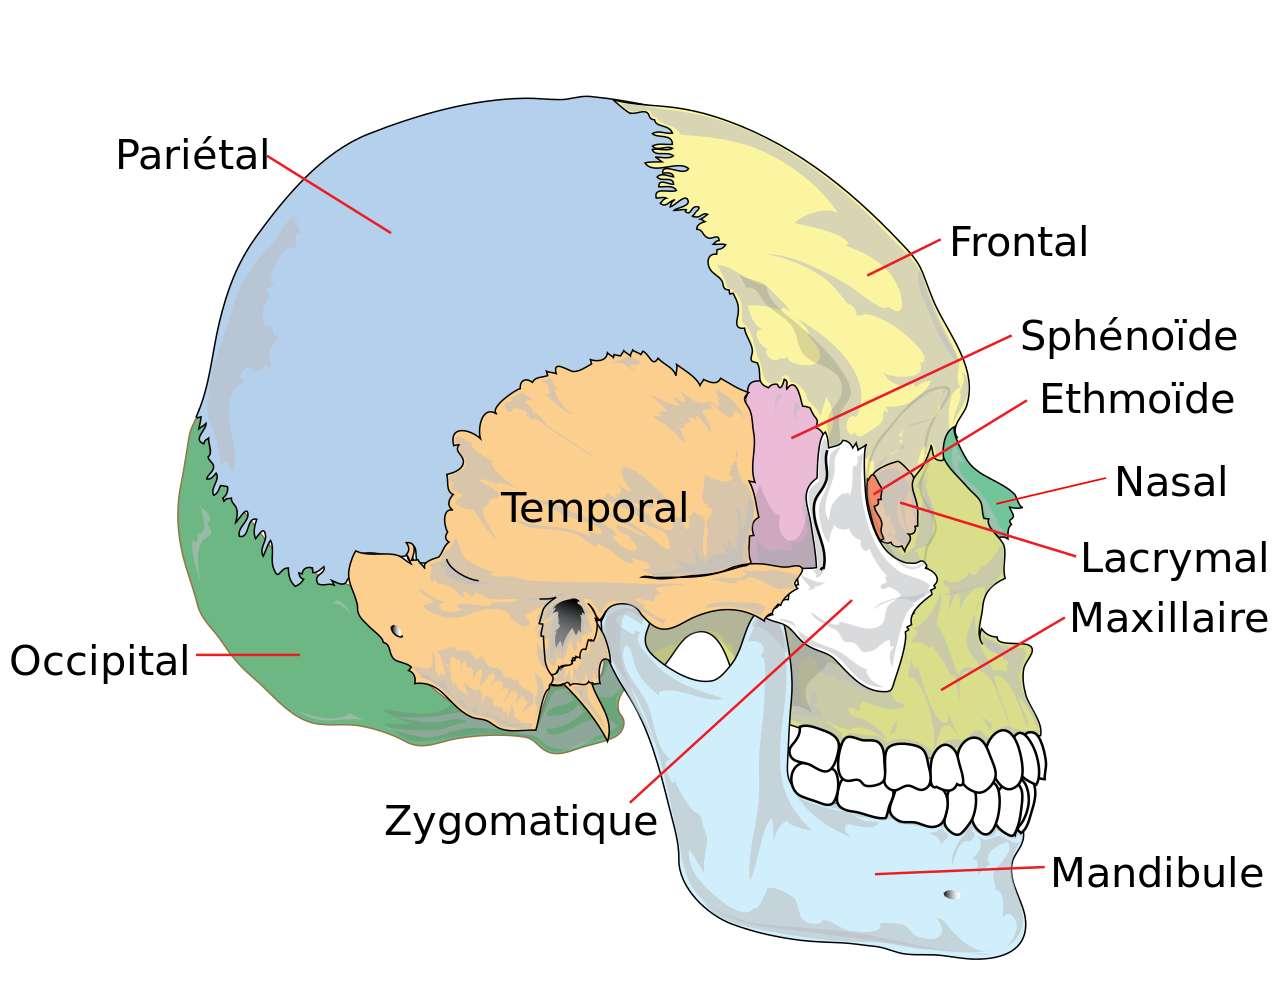 Les os maxillaires forment la mâchoire supérieure. © Berichard, Wikipedia, CC by-sa 3.0